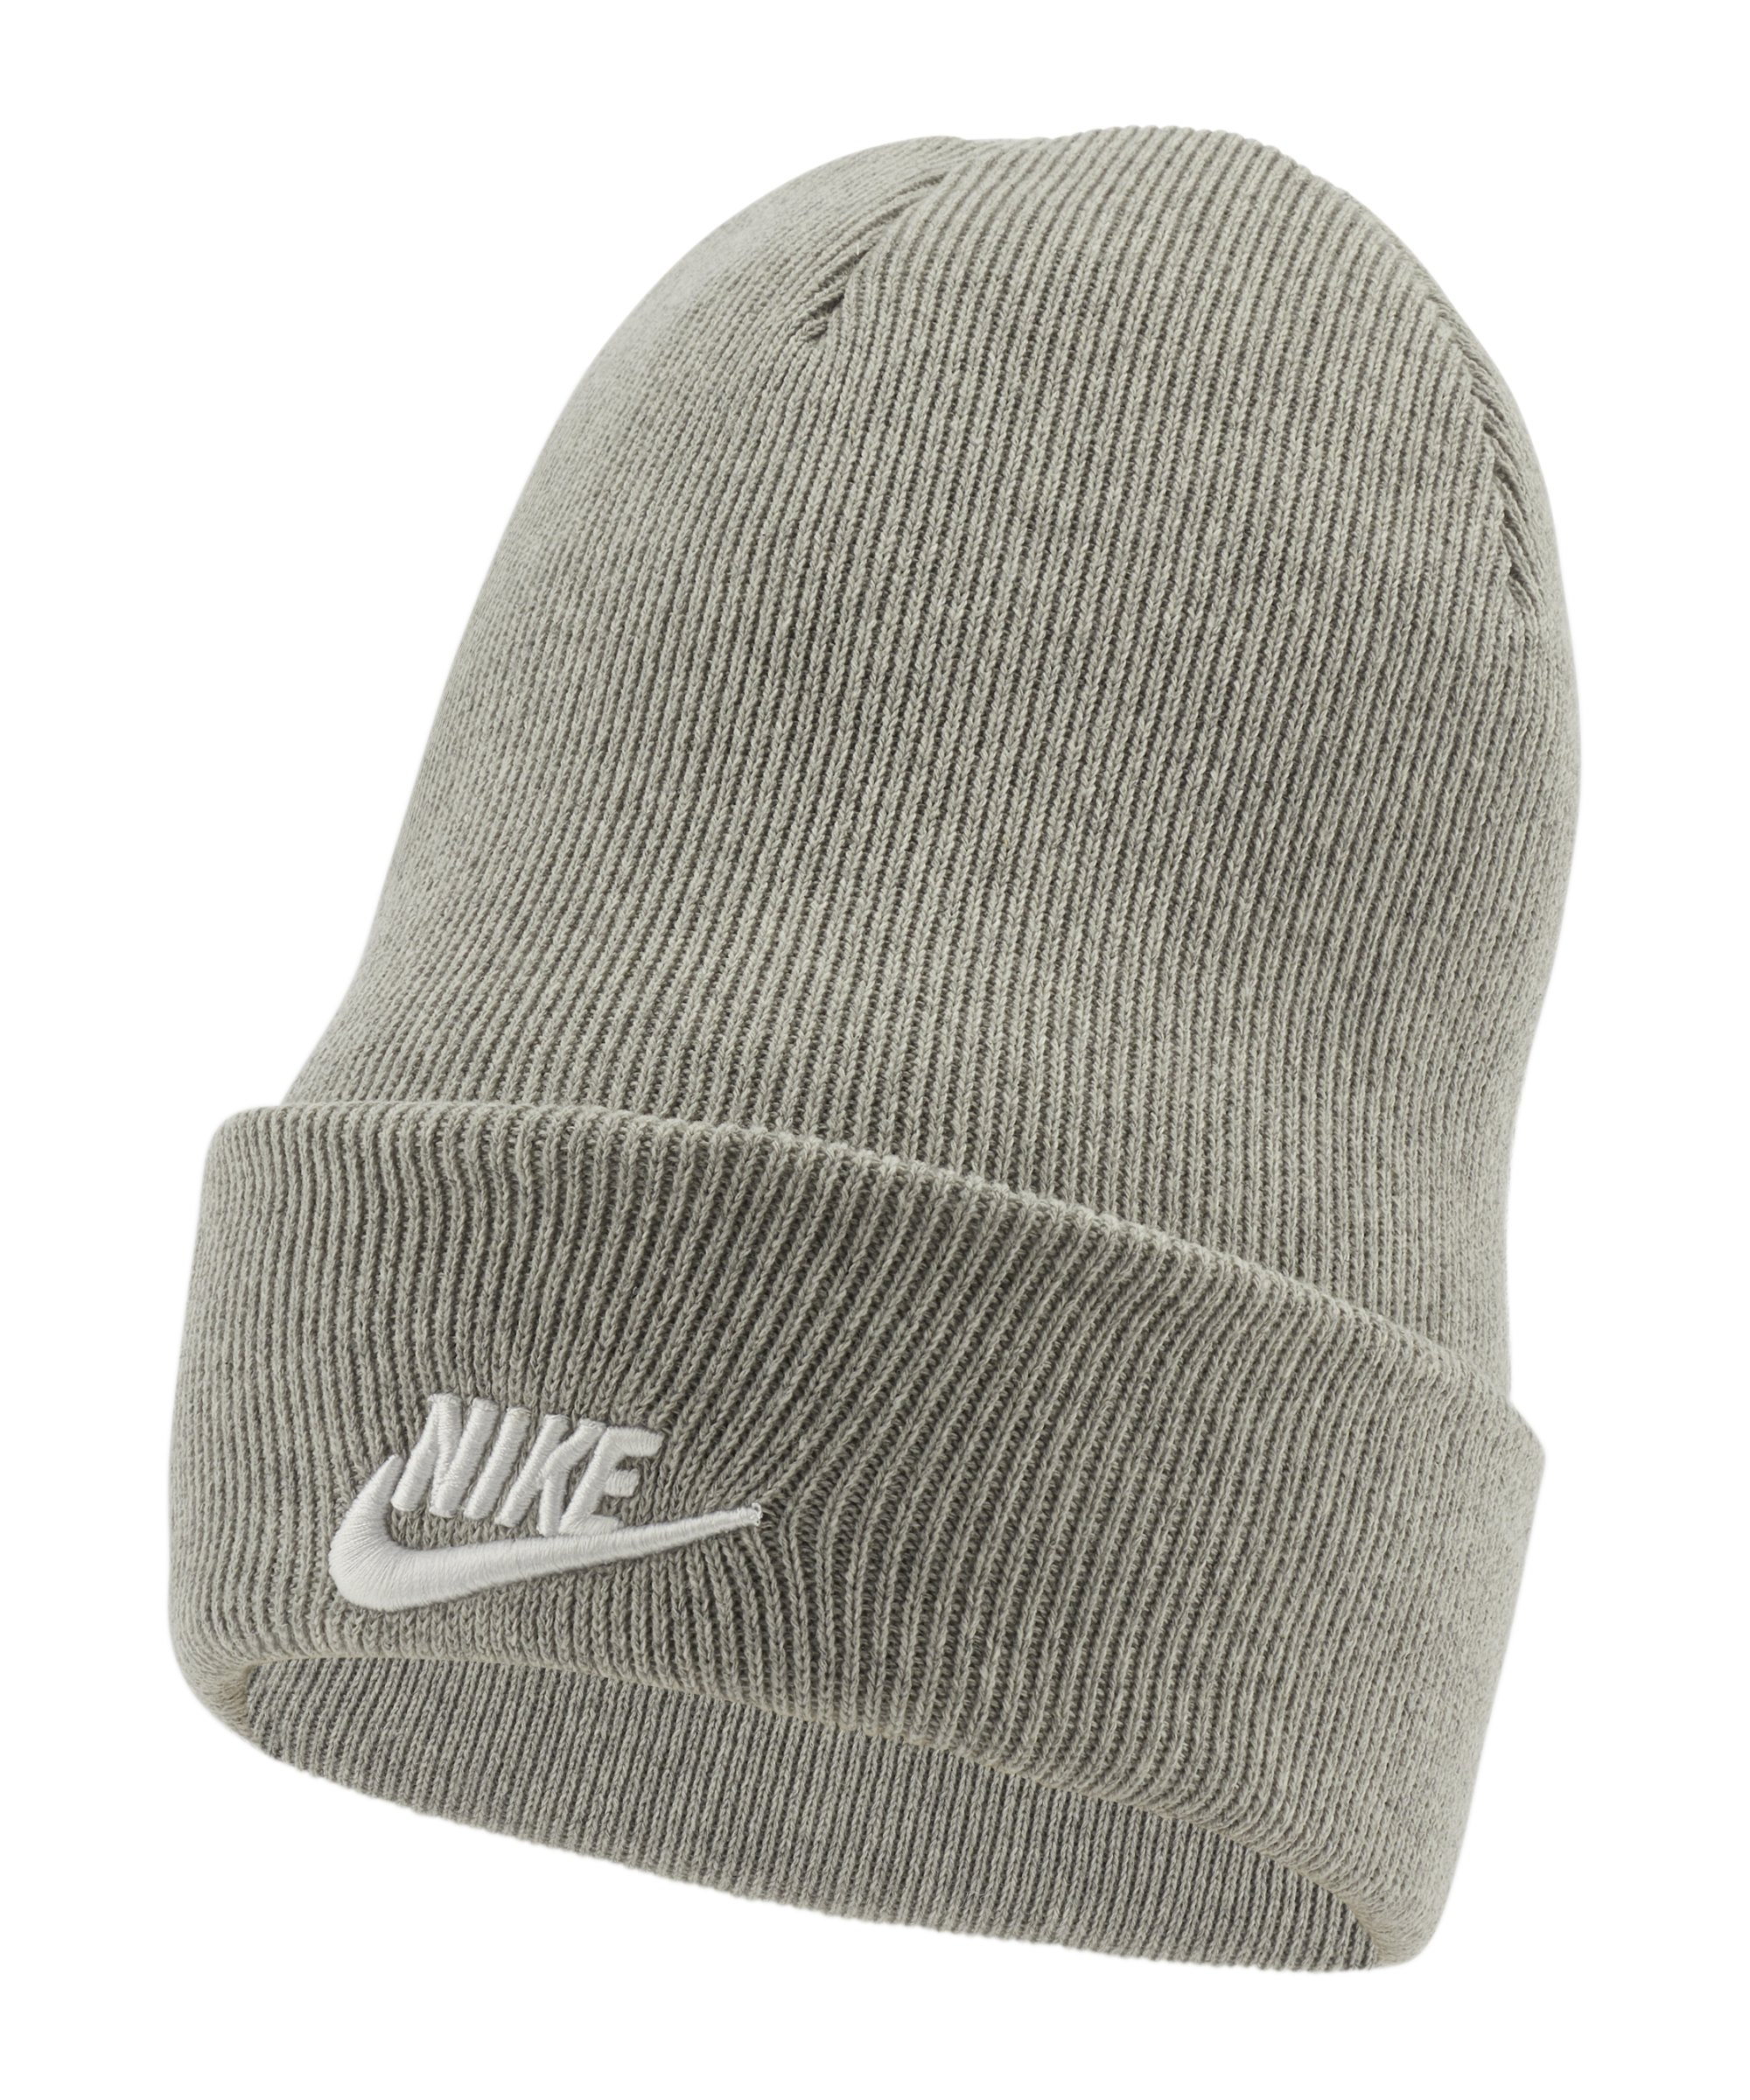 Nike Utilitiy Futura Mütze Grau Weiss F063 - grau